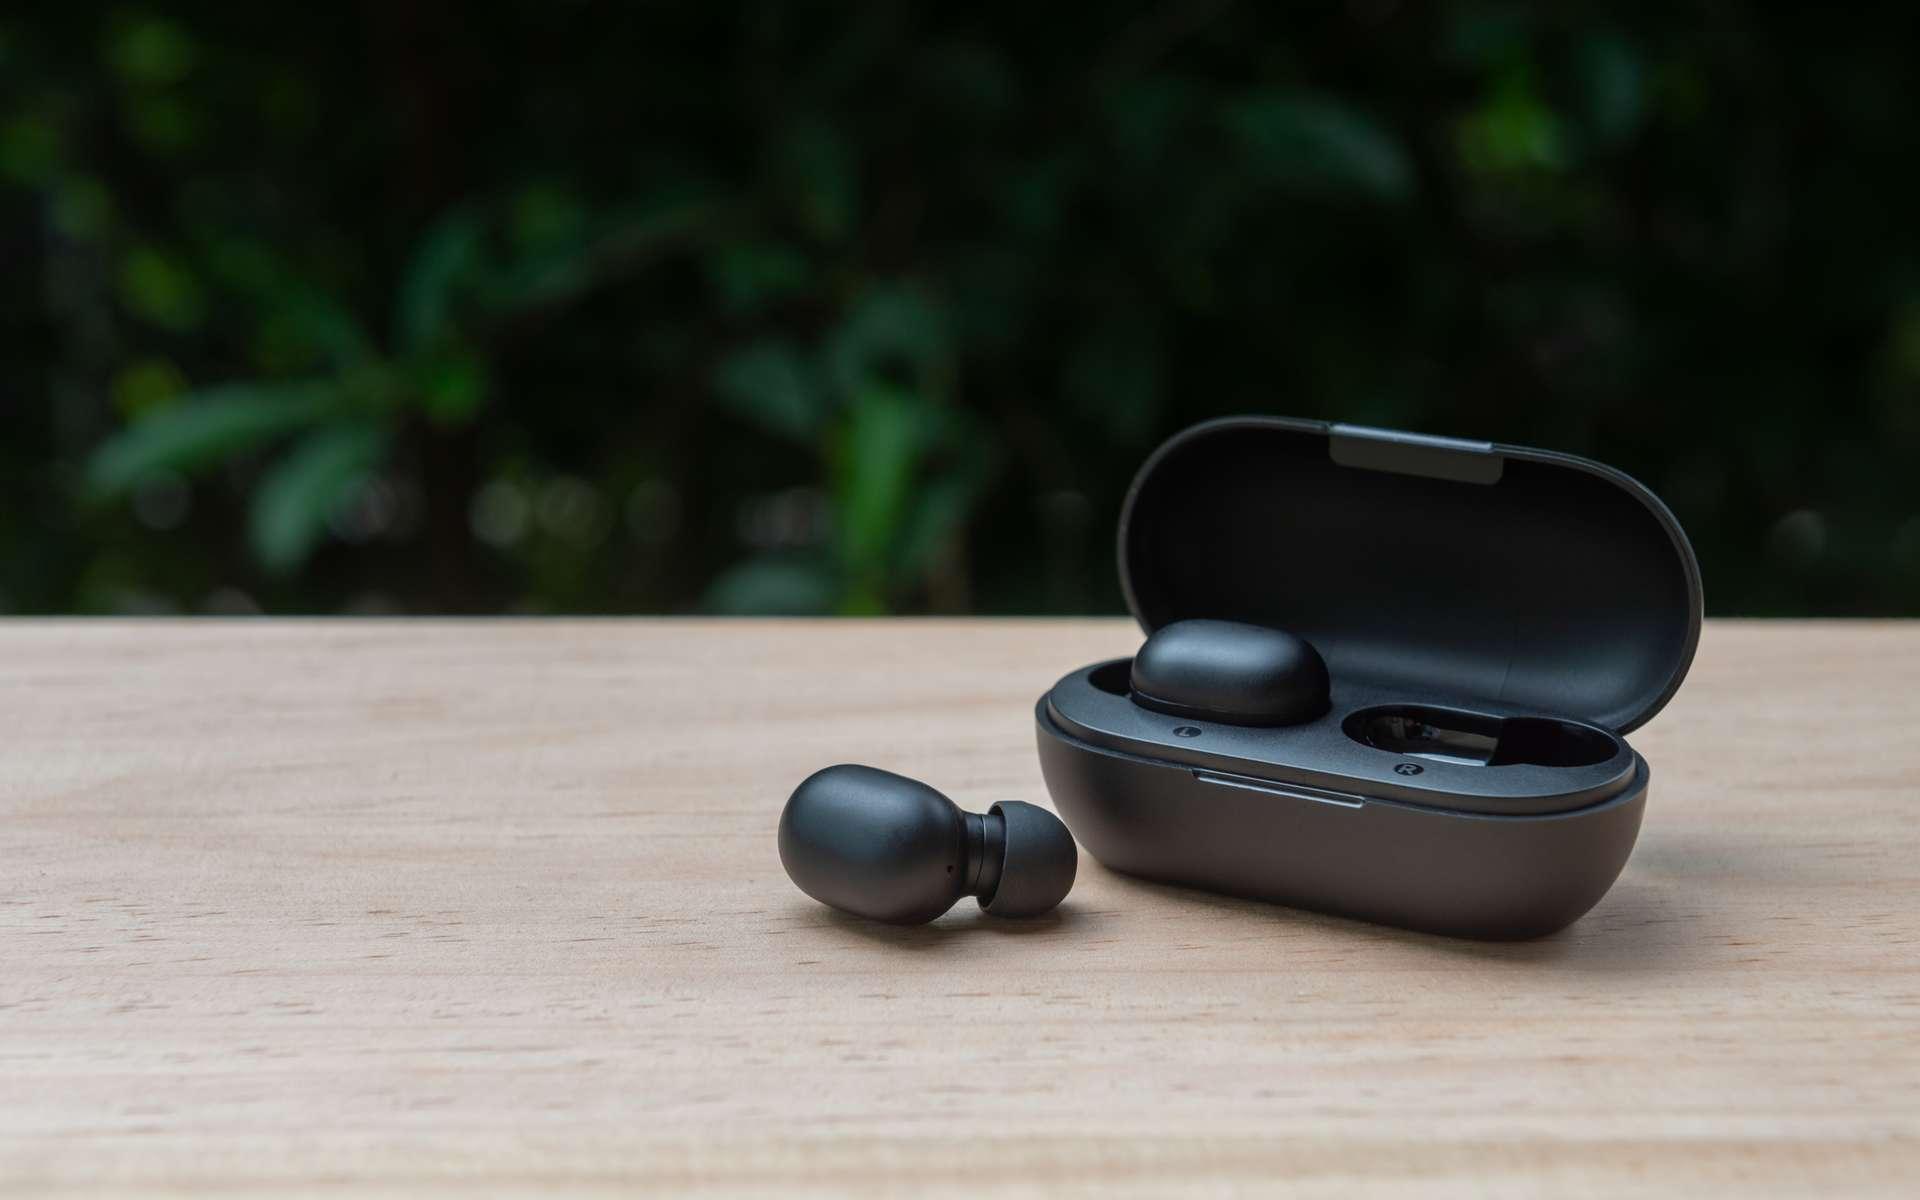 Des écouteurs puissants et plus flexibles. © magneticmcc, Adobe Stock